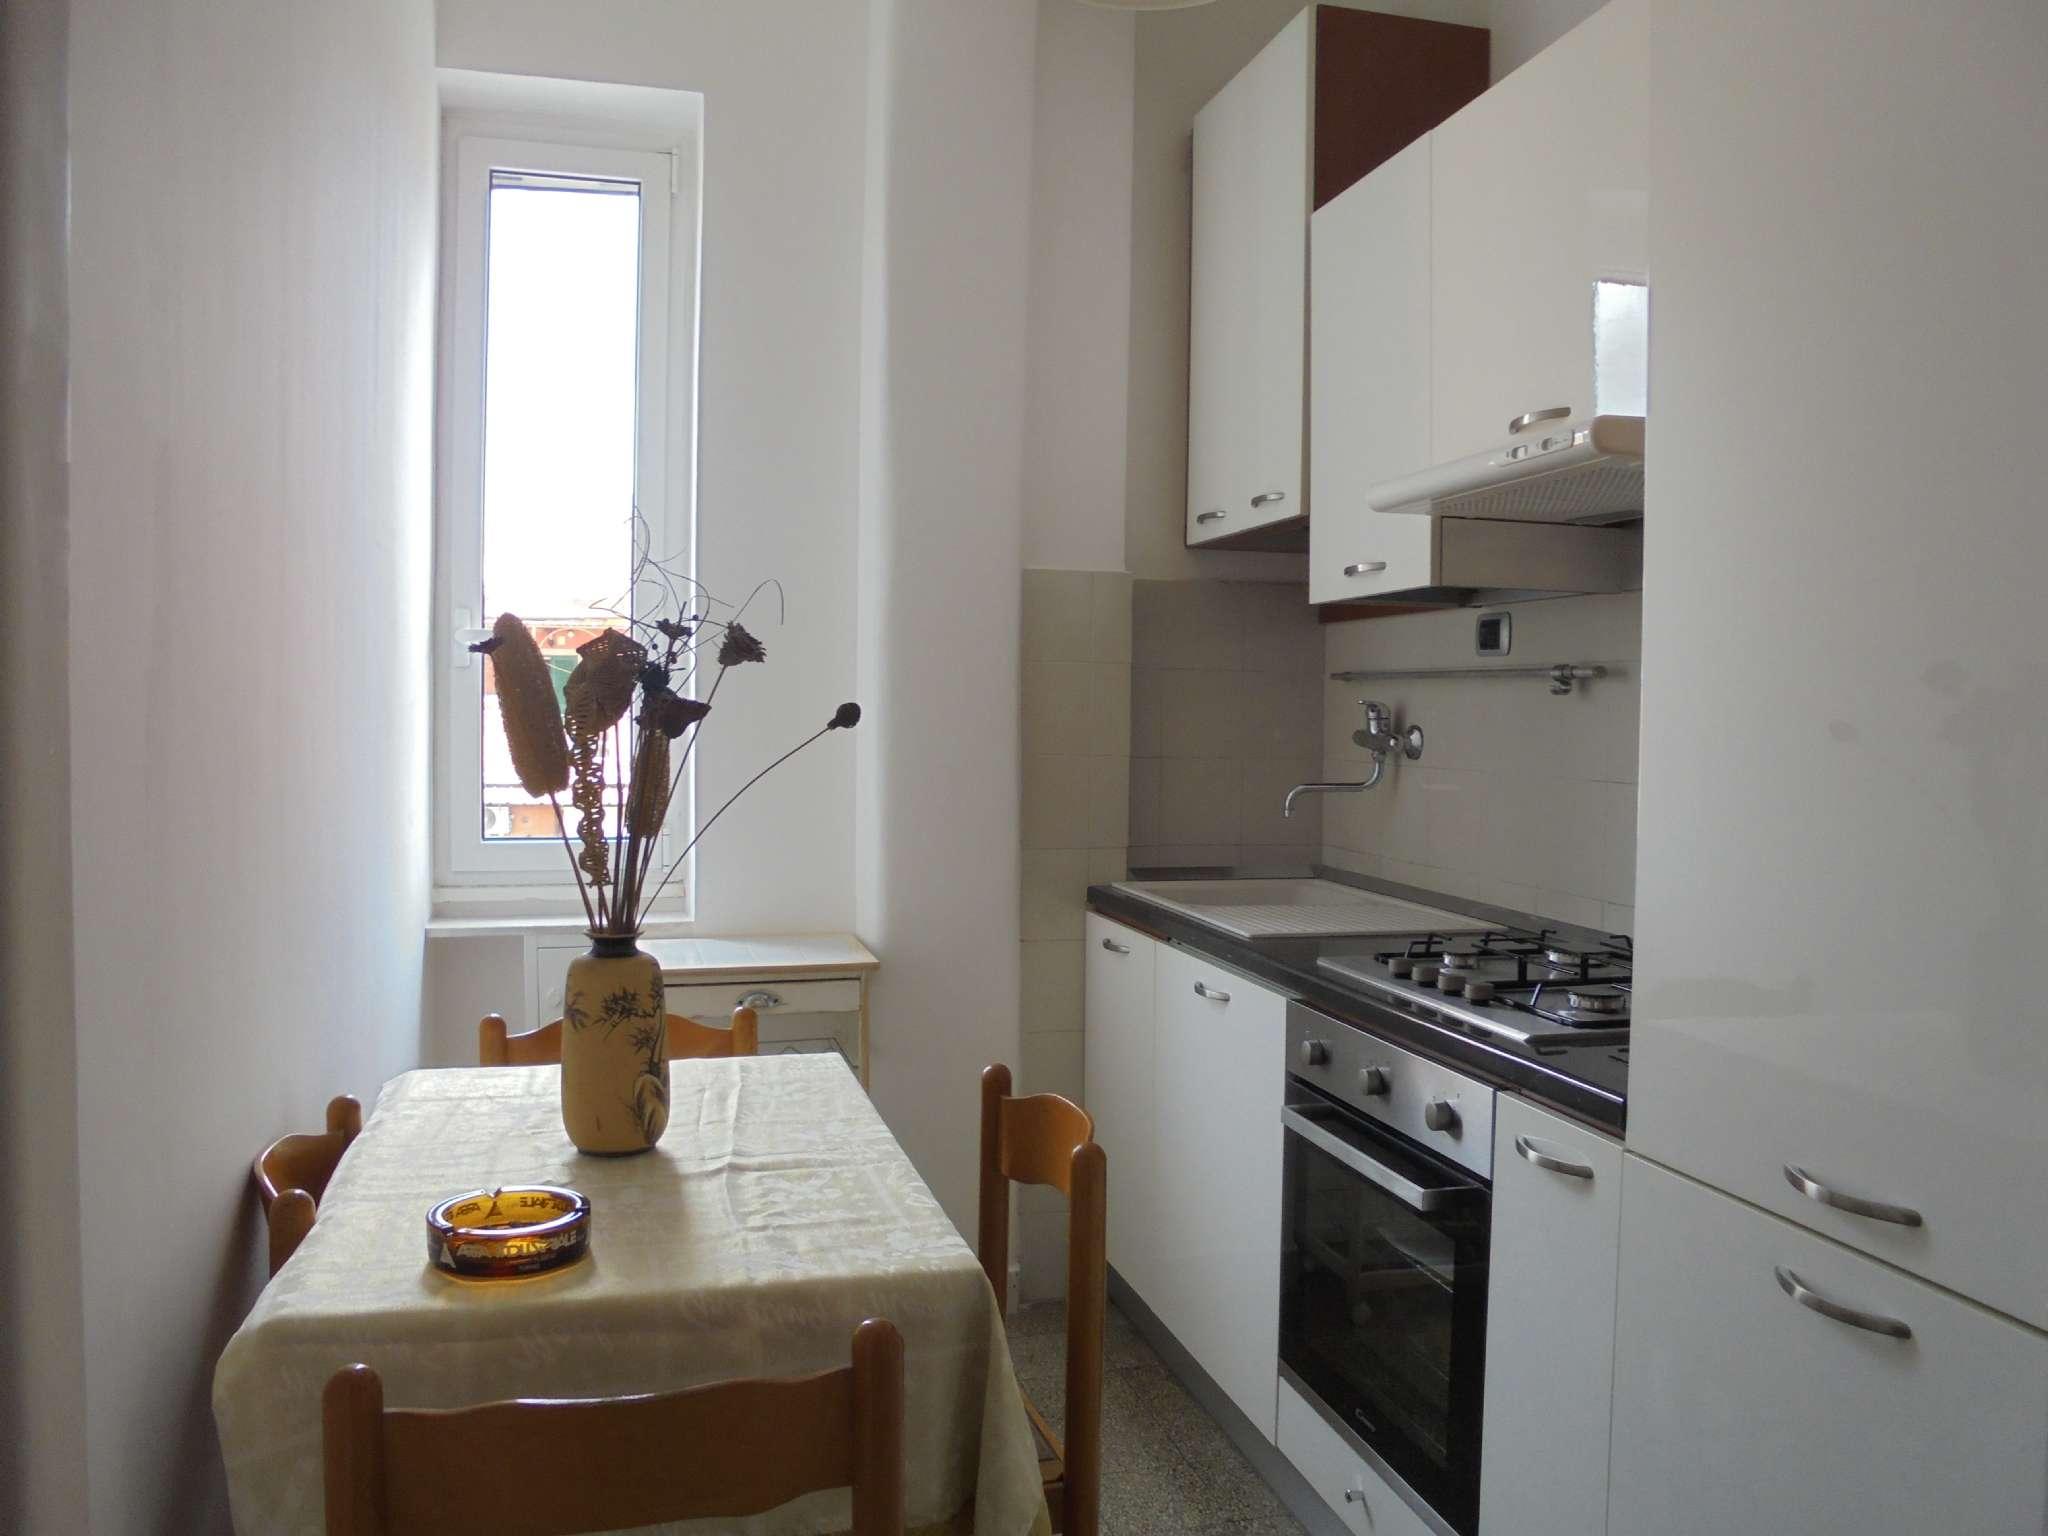 Appartamento in vendita a Roma, 2 locali, zona Zona: 11 . Centocelle, Alessandrino, Collatino, Prenestina, Villa Giordani, prezzo € 109.000   CambioCasa.it